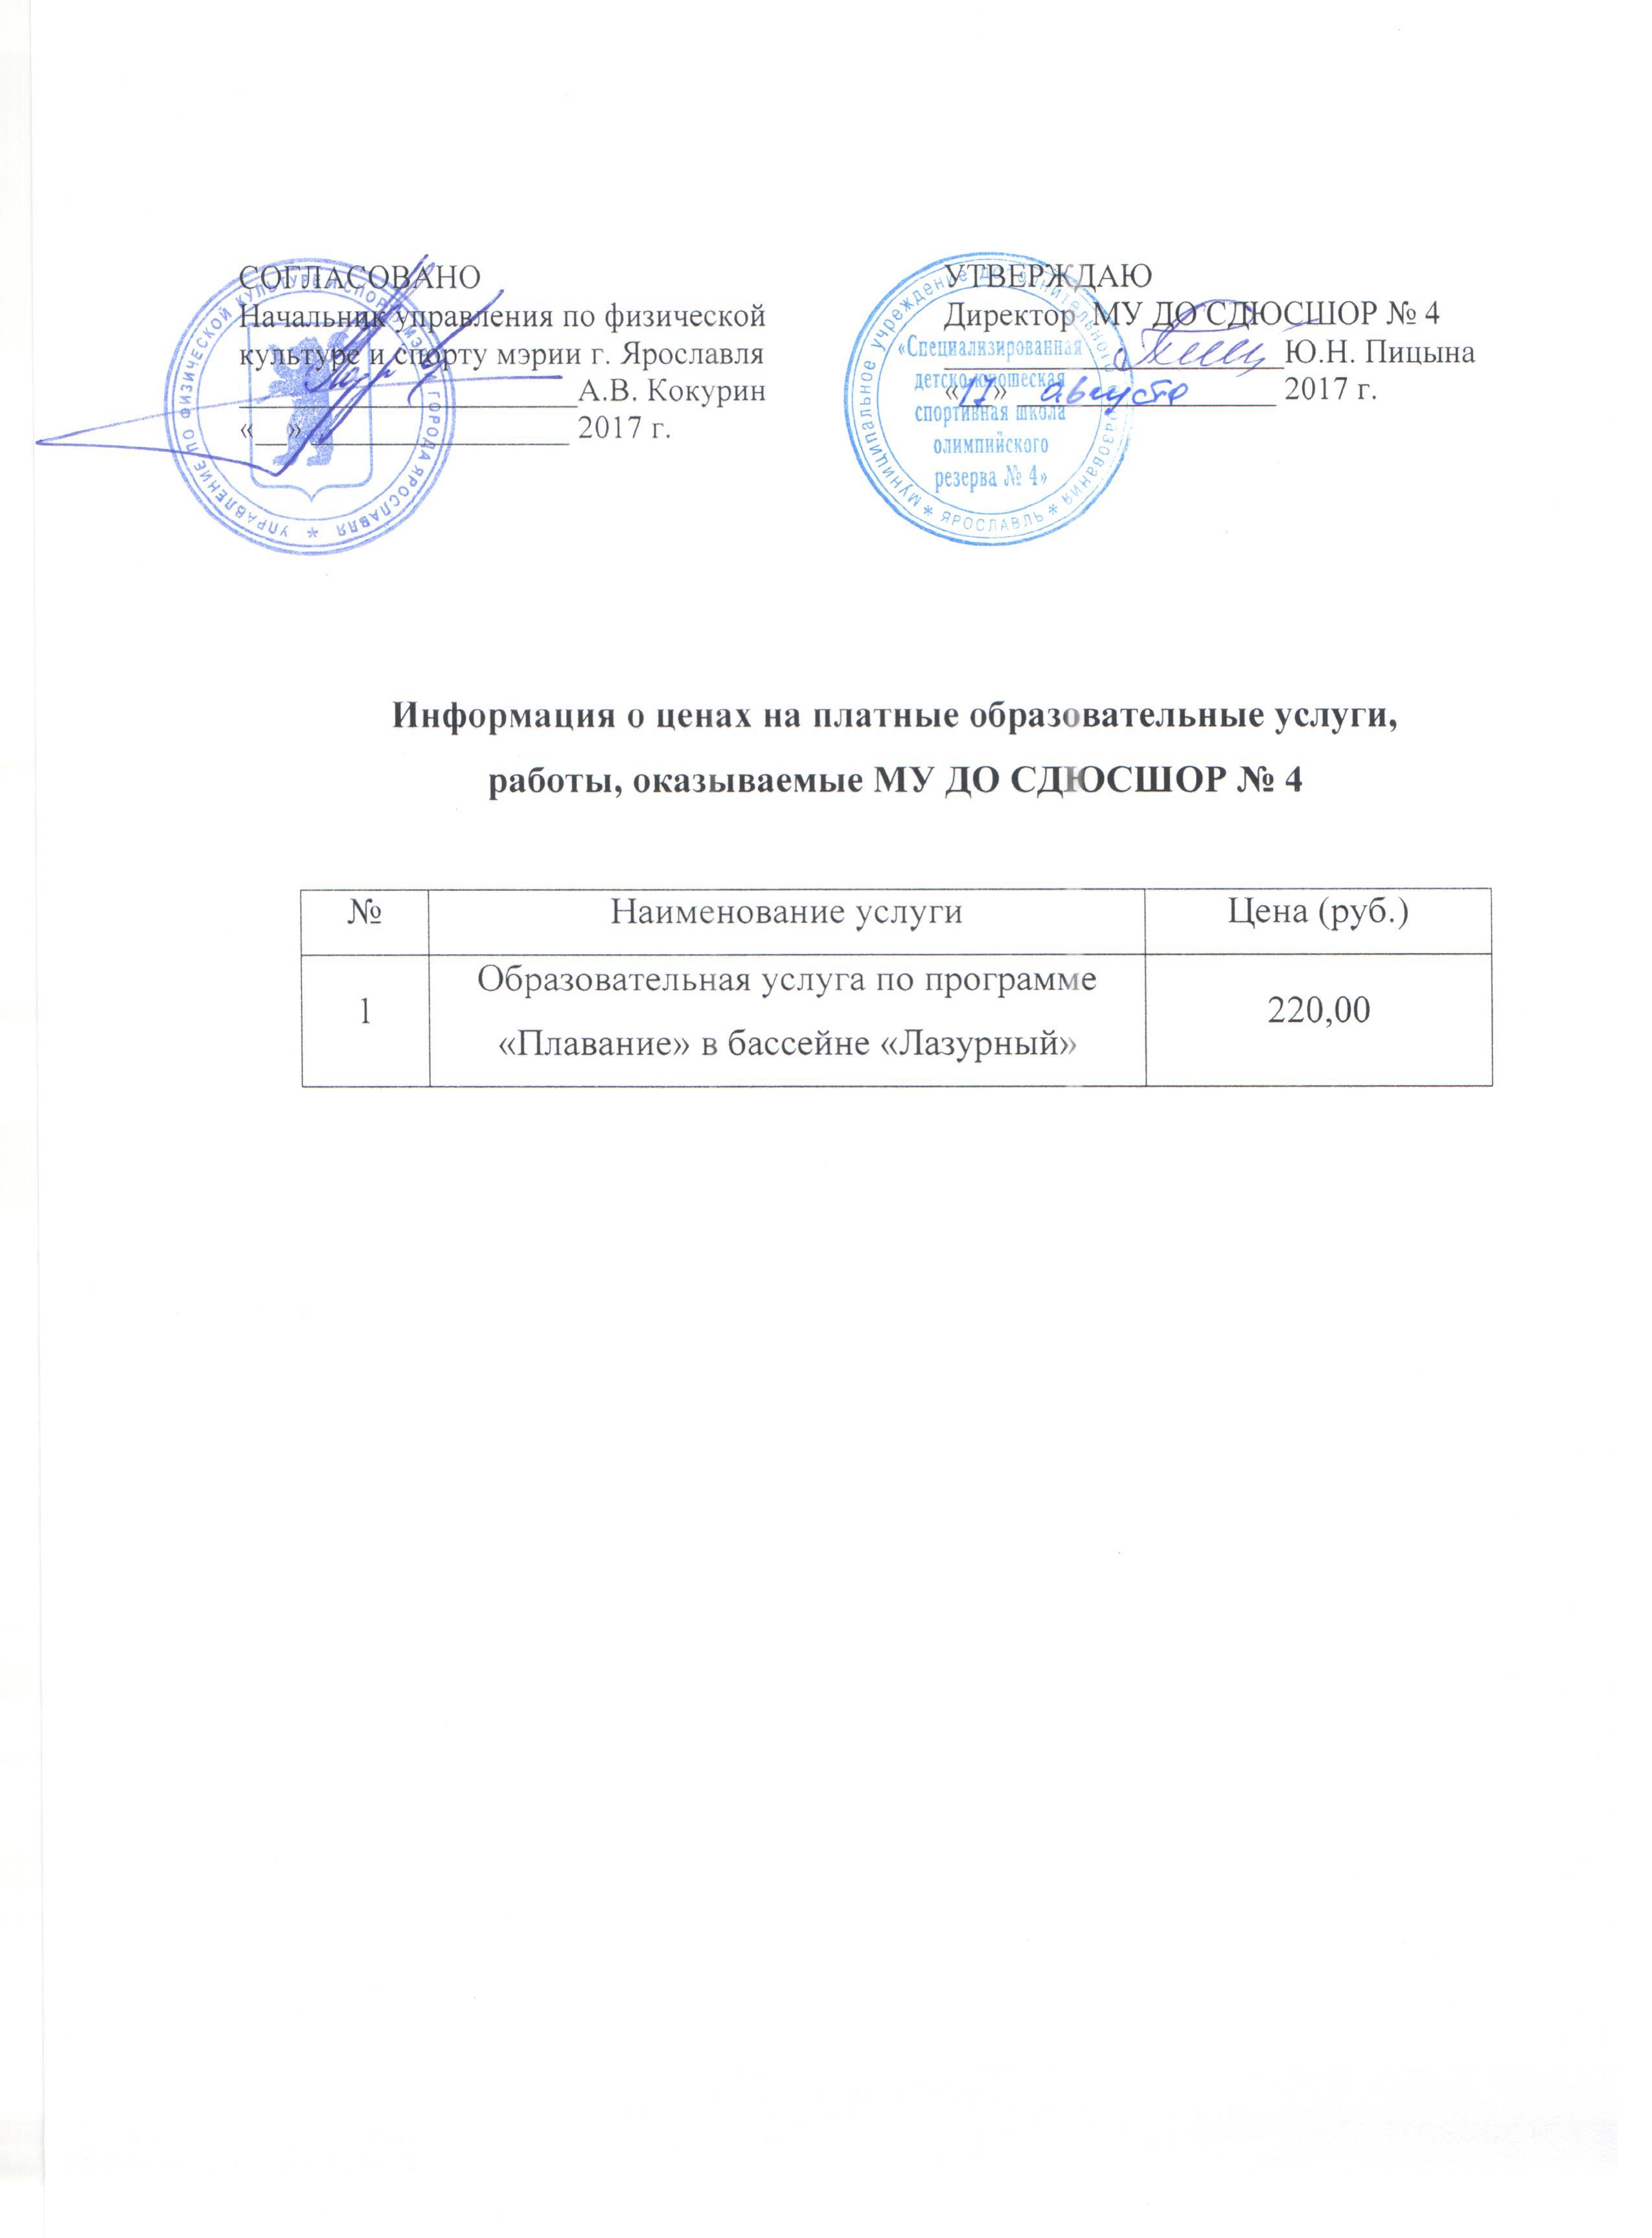 Инф. о платных услугах Лазурный